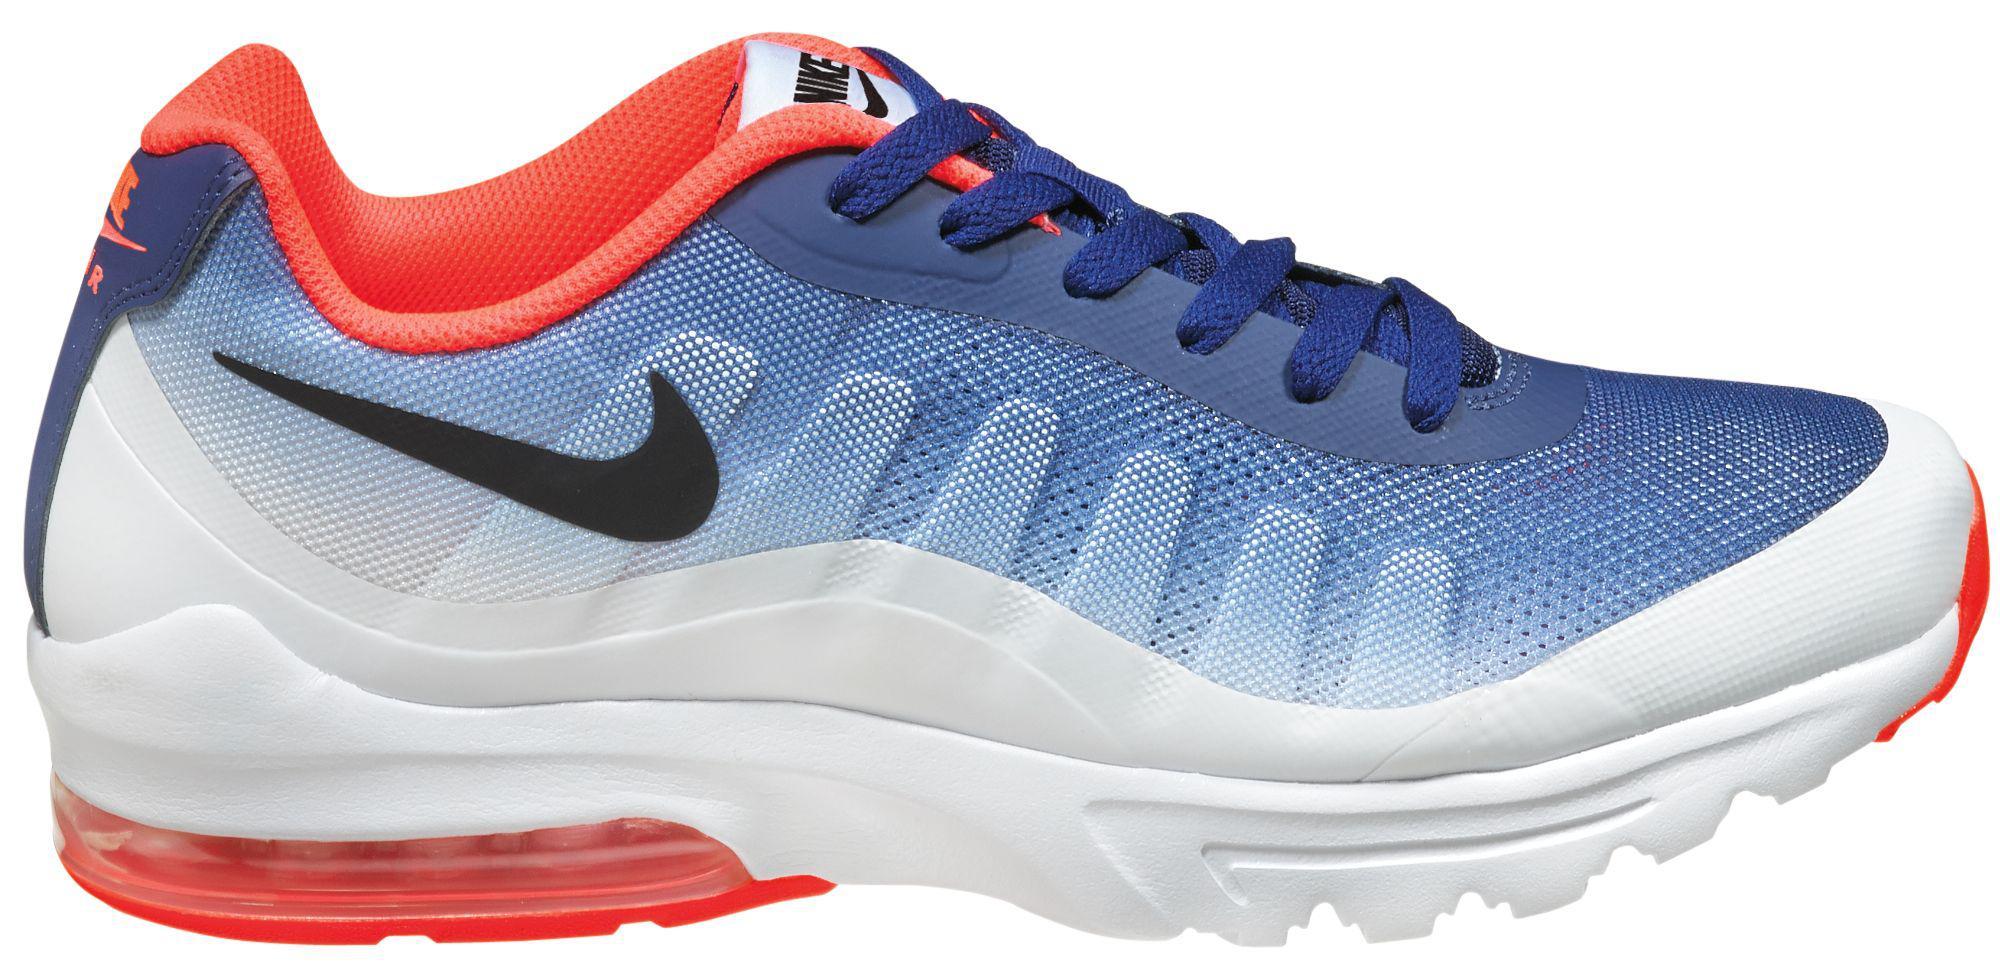 timeless design 5fe3c 14d10 Lyst - Nike Air Max Invigor Prt Shoes in Blue for Men